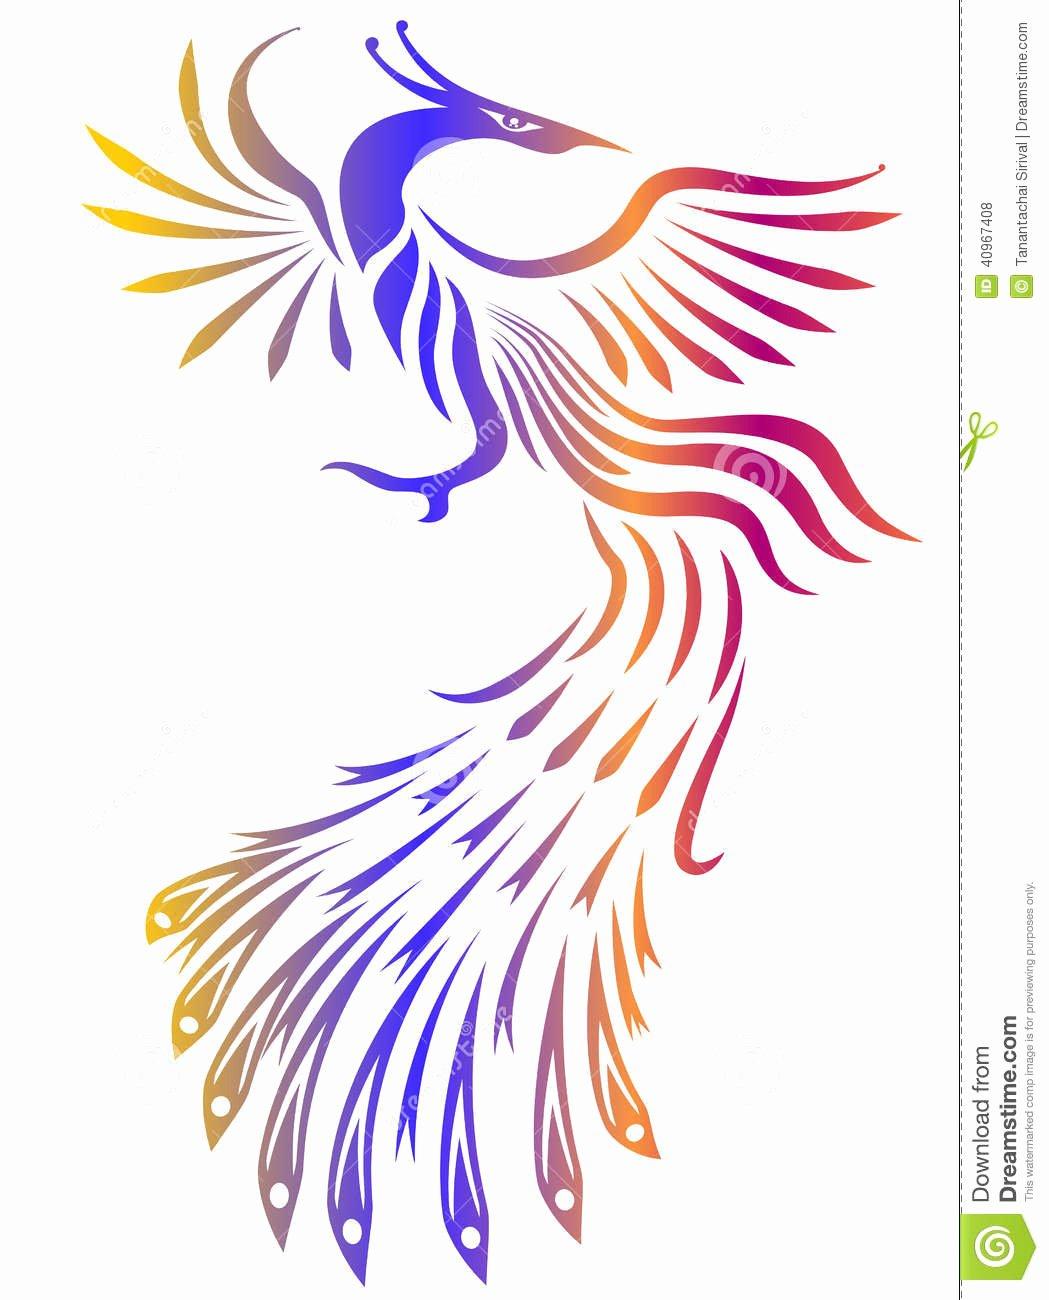 Black and White Illustration Luxury Phoenix Black and White Illustration Stock Illustration Image